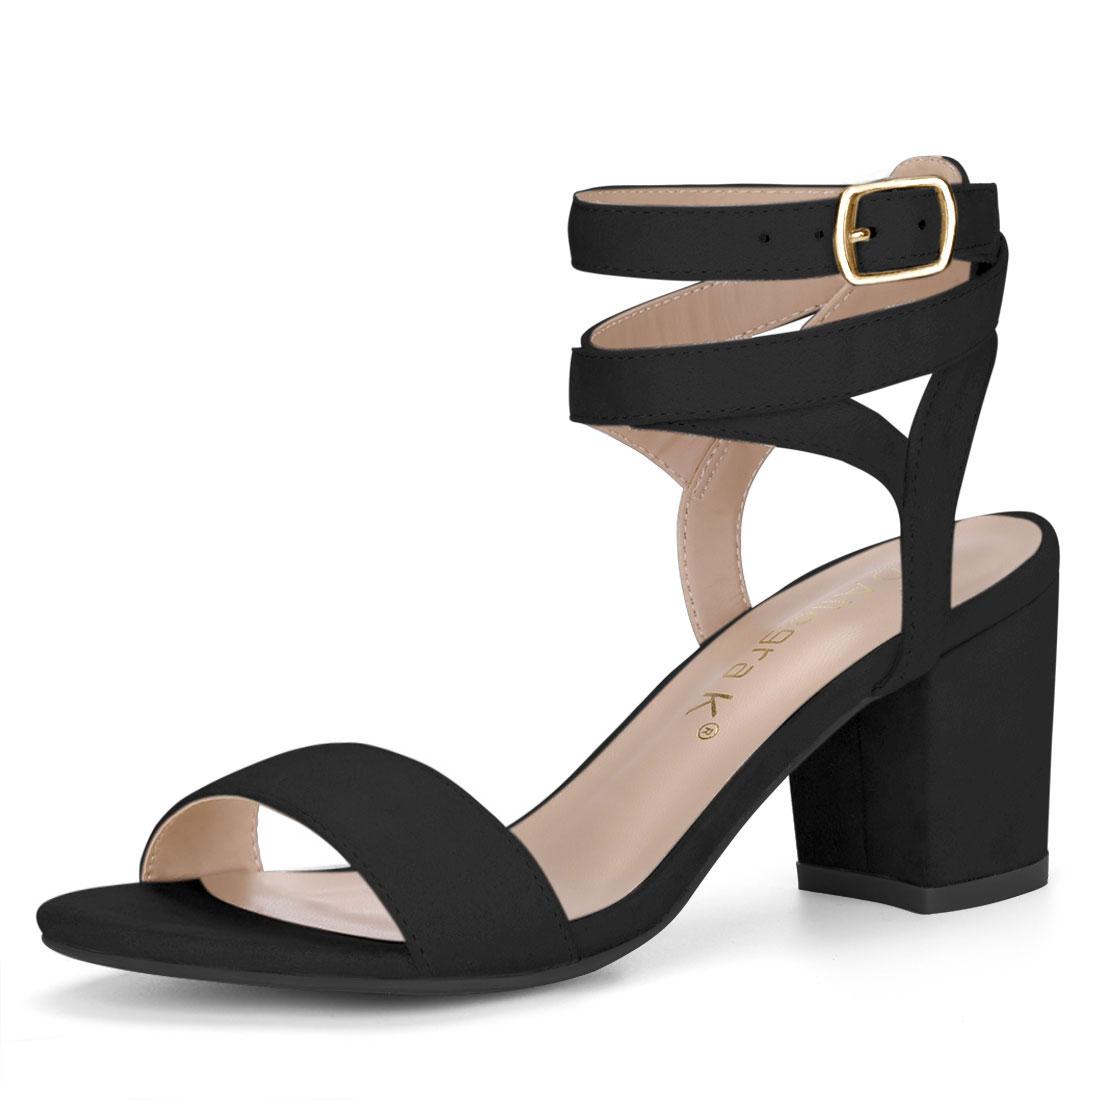 Allegra K Women's Block Heels Double Ankle Straps Sandals BlackUS 8